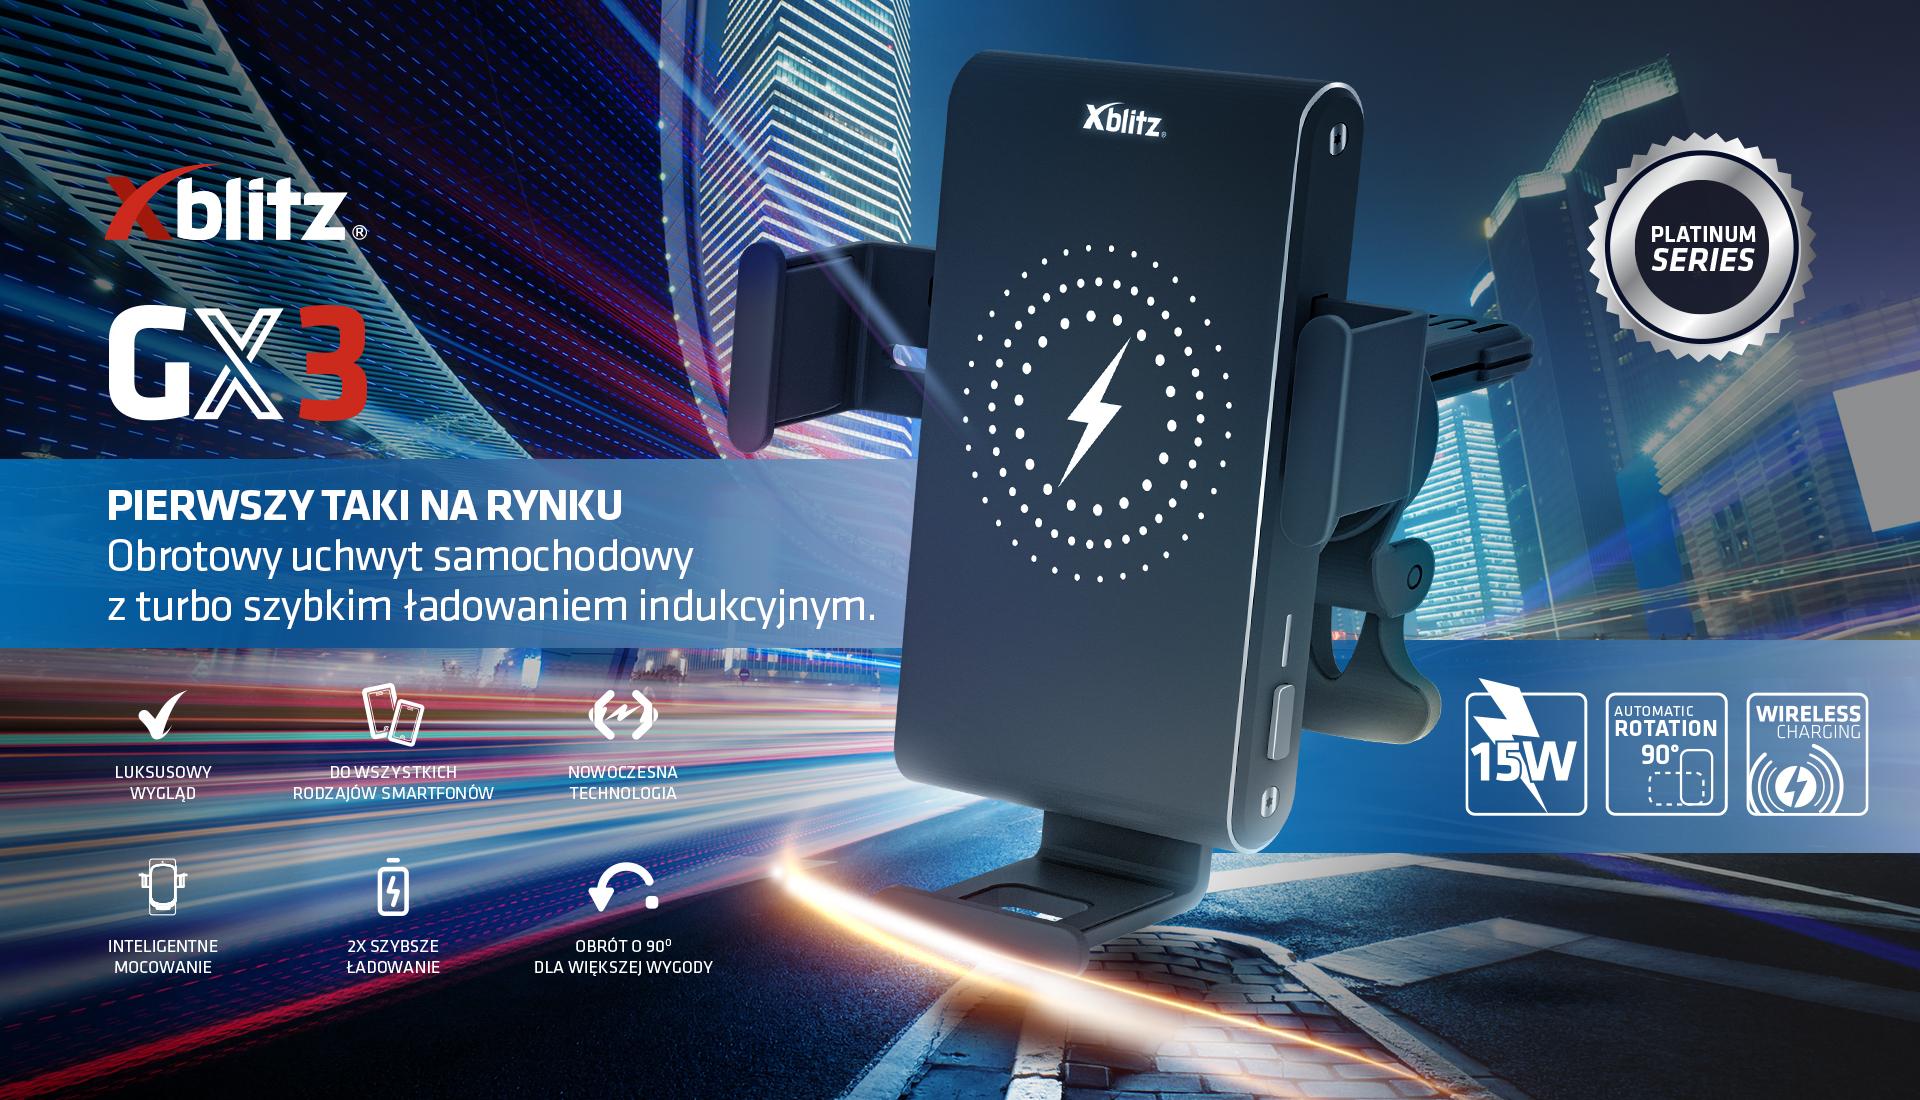 Xblitz GX3 - innowacyjny uchwyt